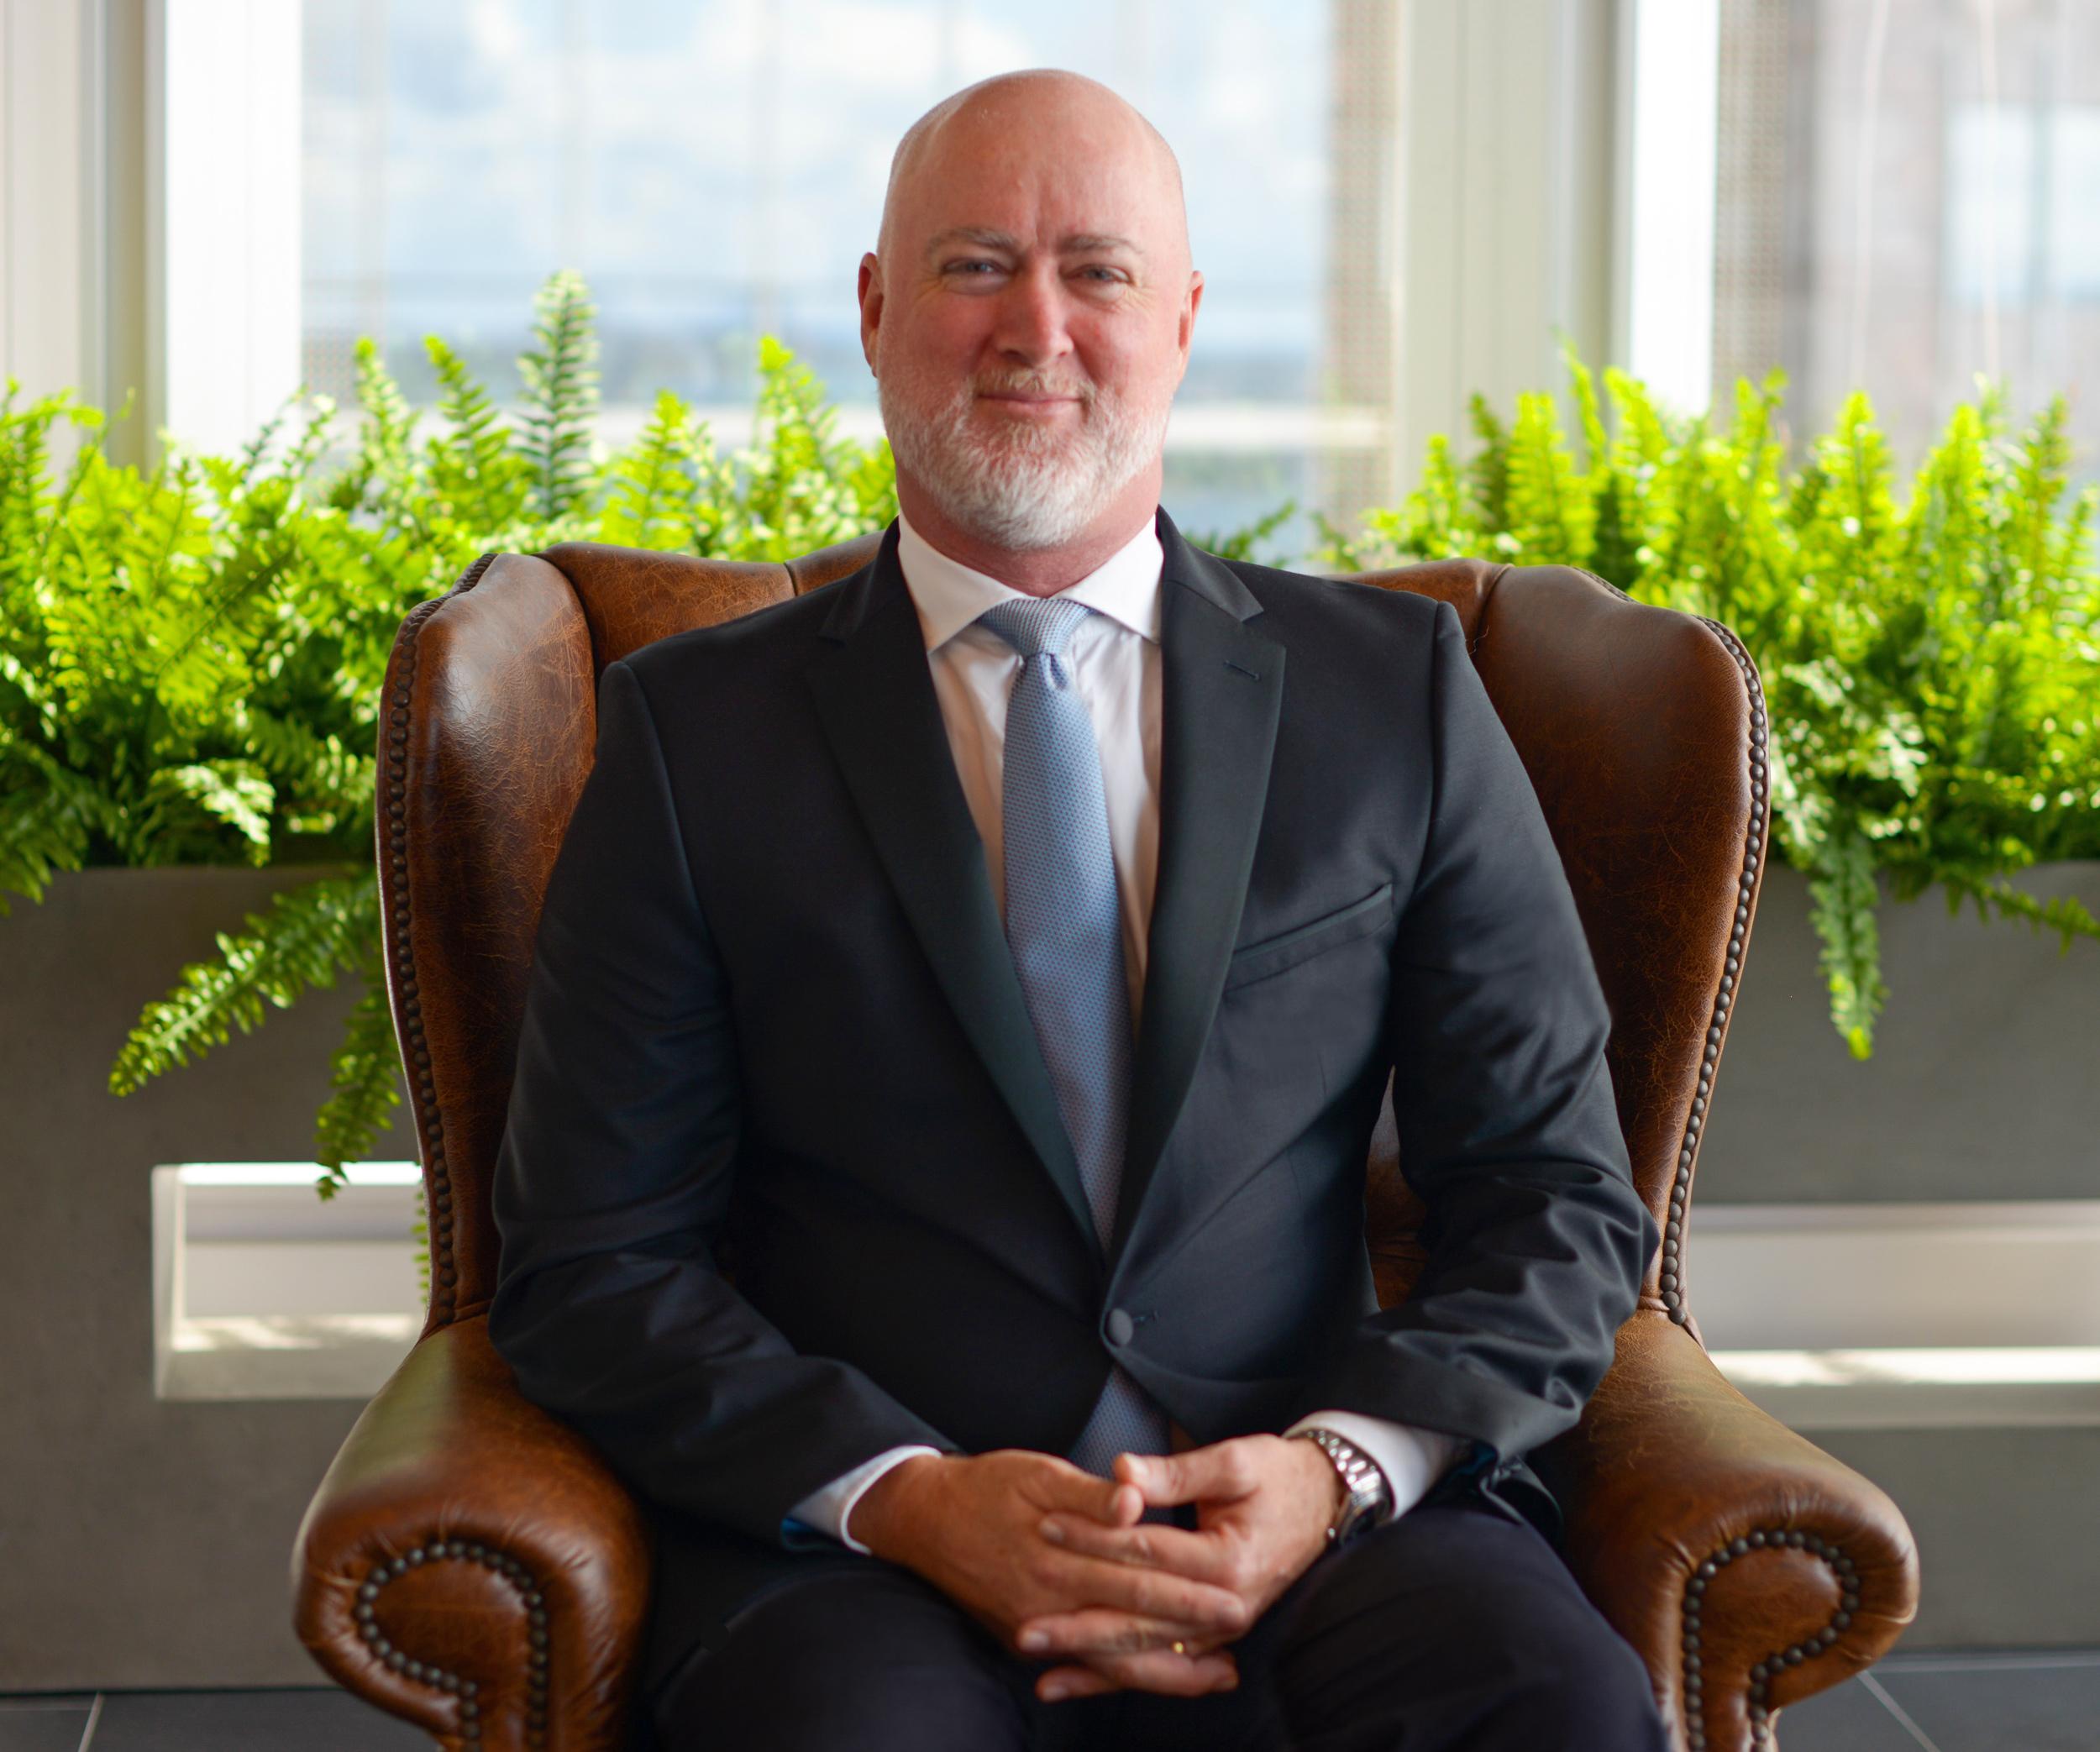 Gavin White - CEO, Invast Global